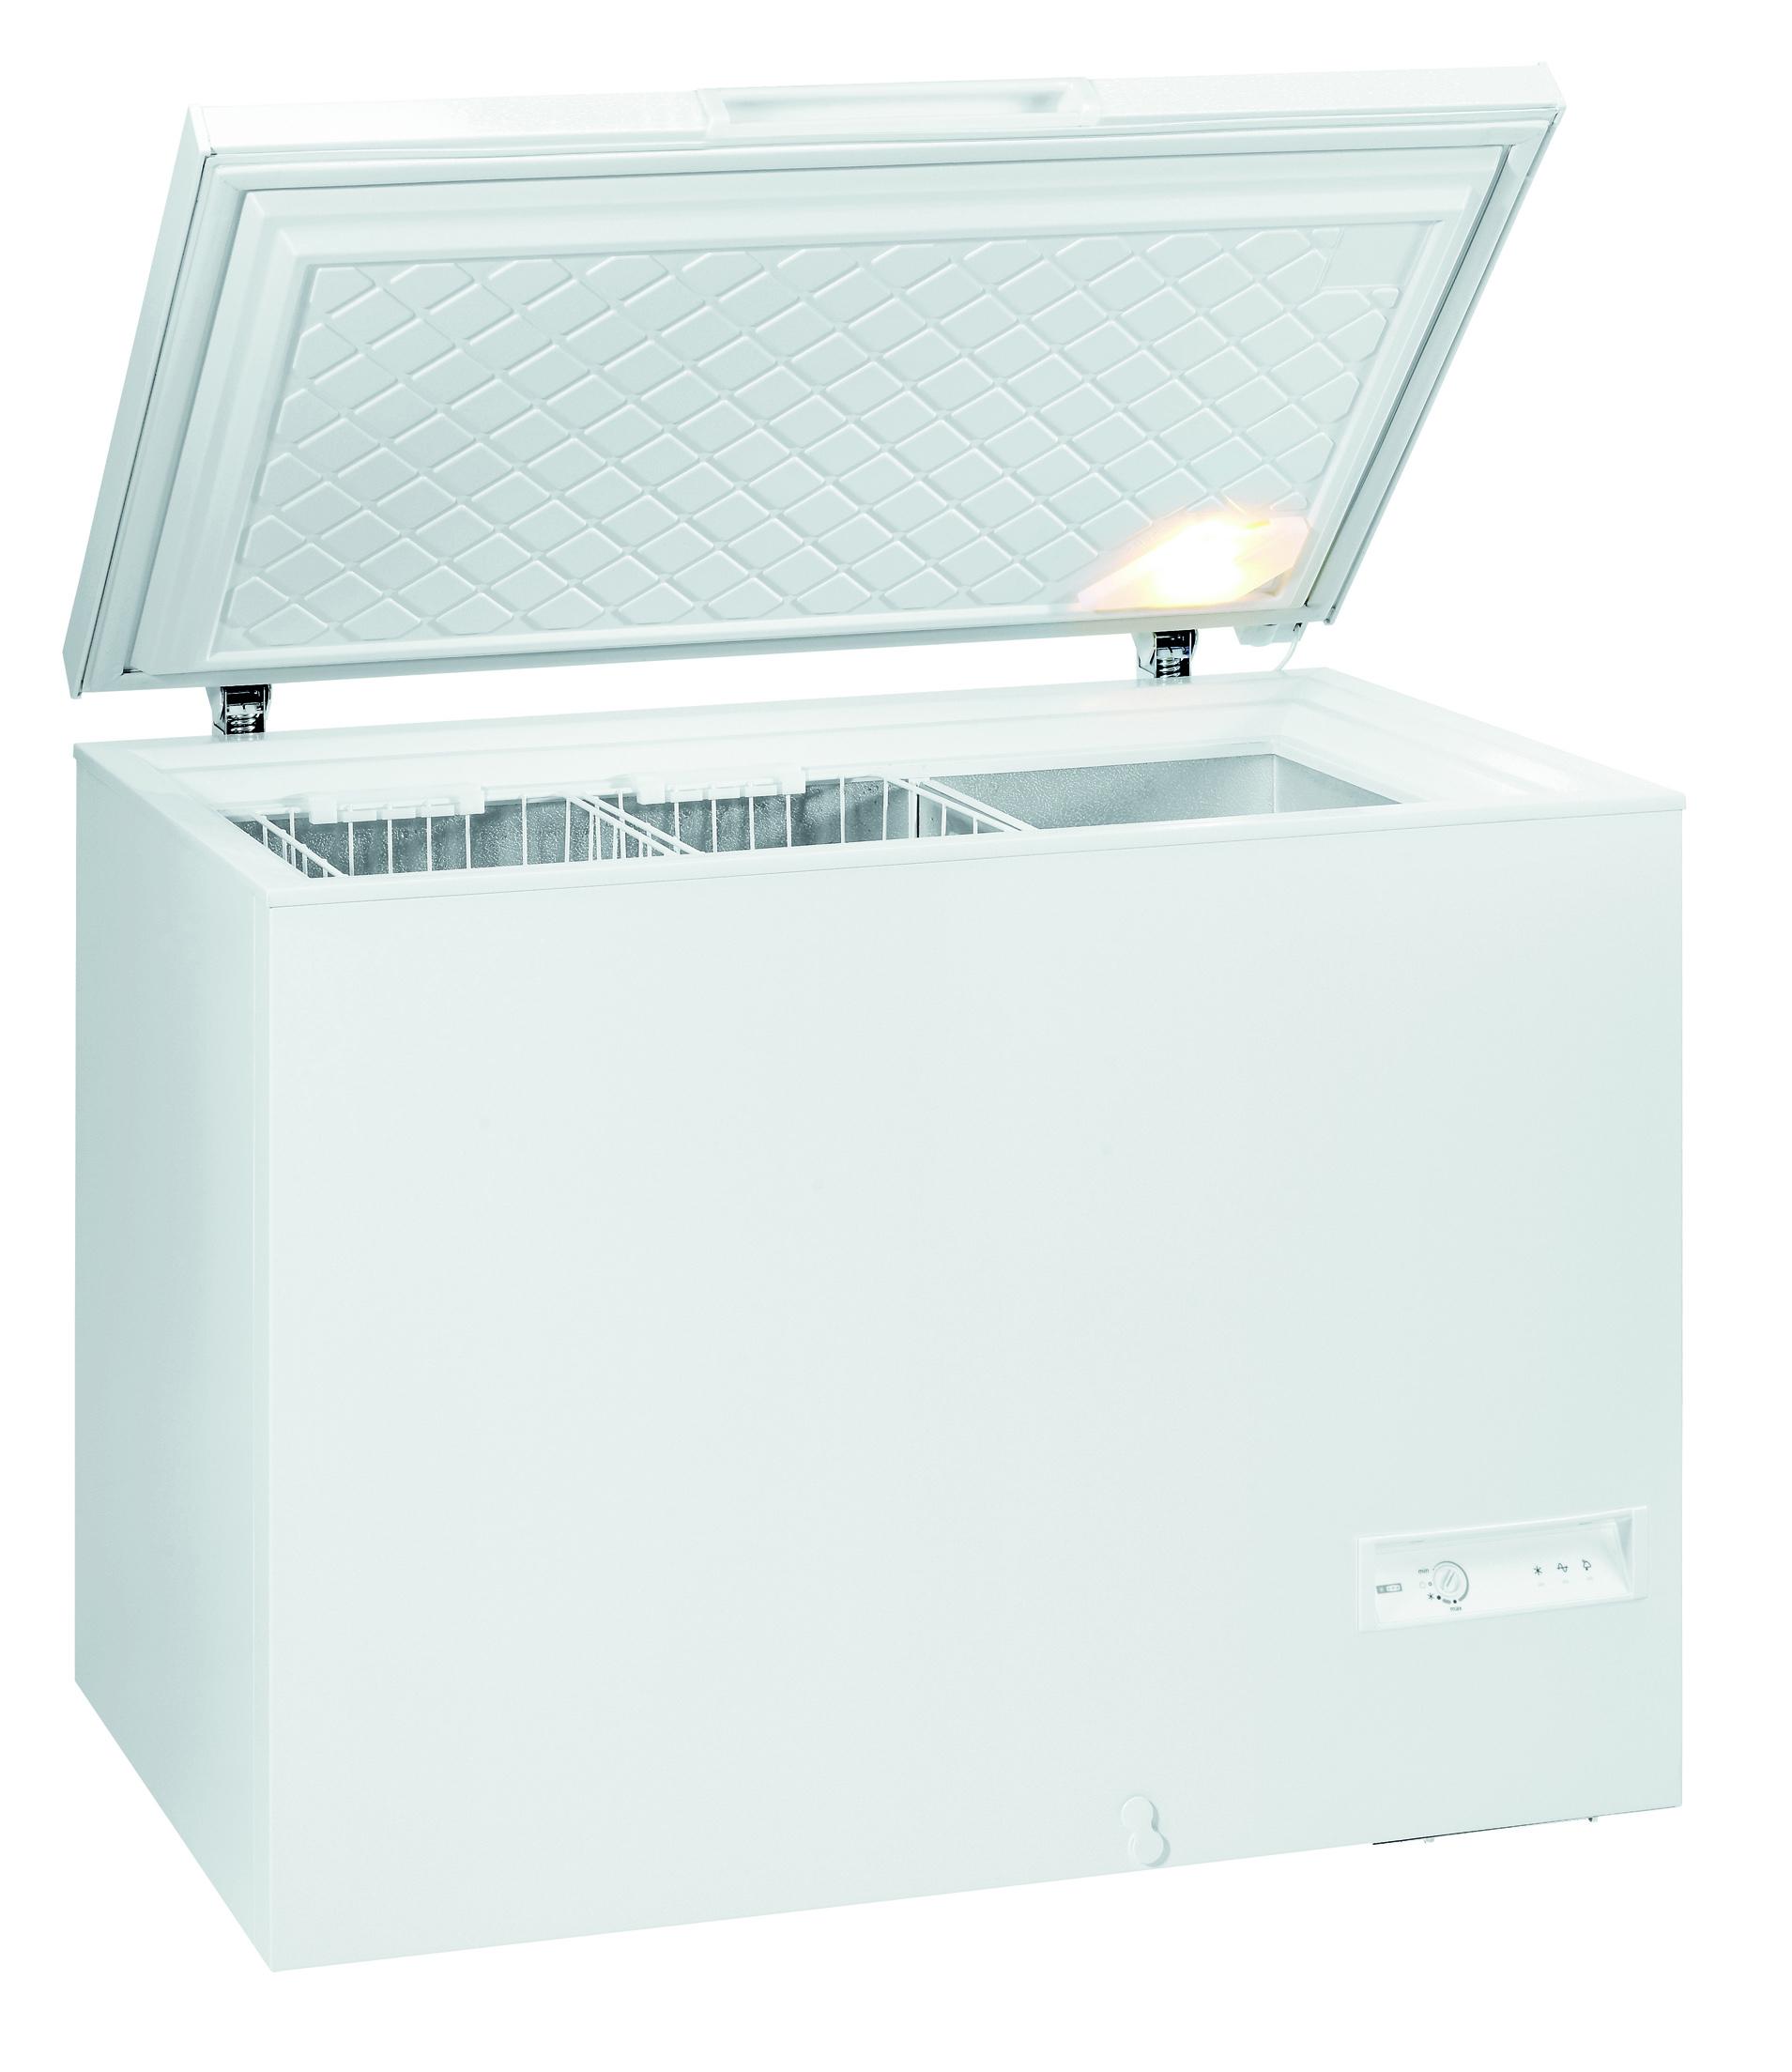 Lada frigorifica Gorenje FHE242W